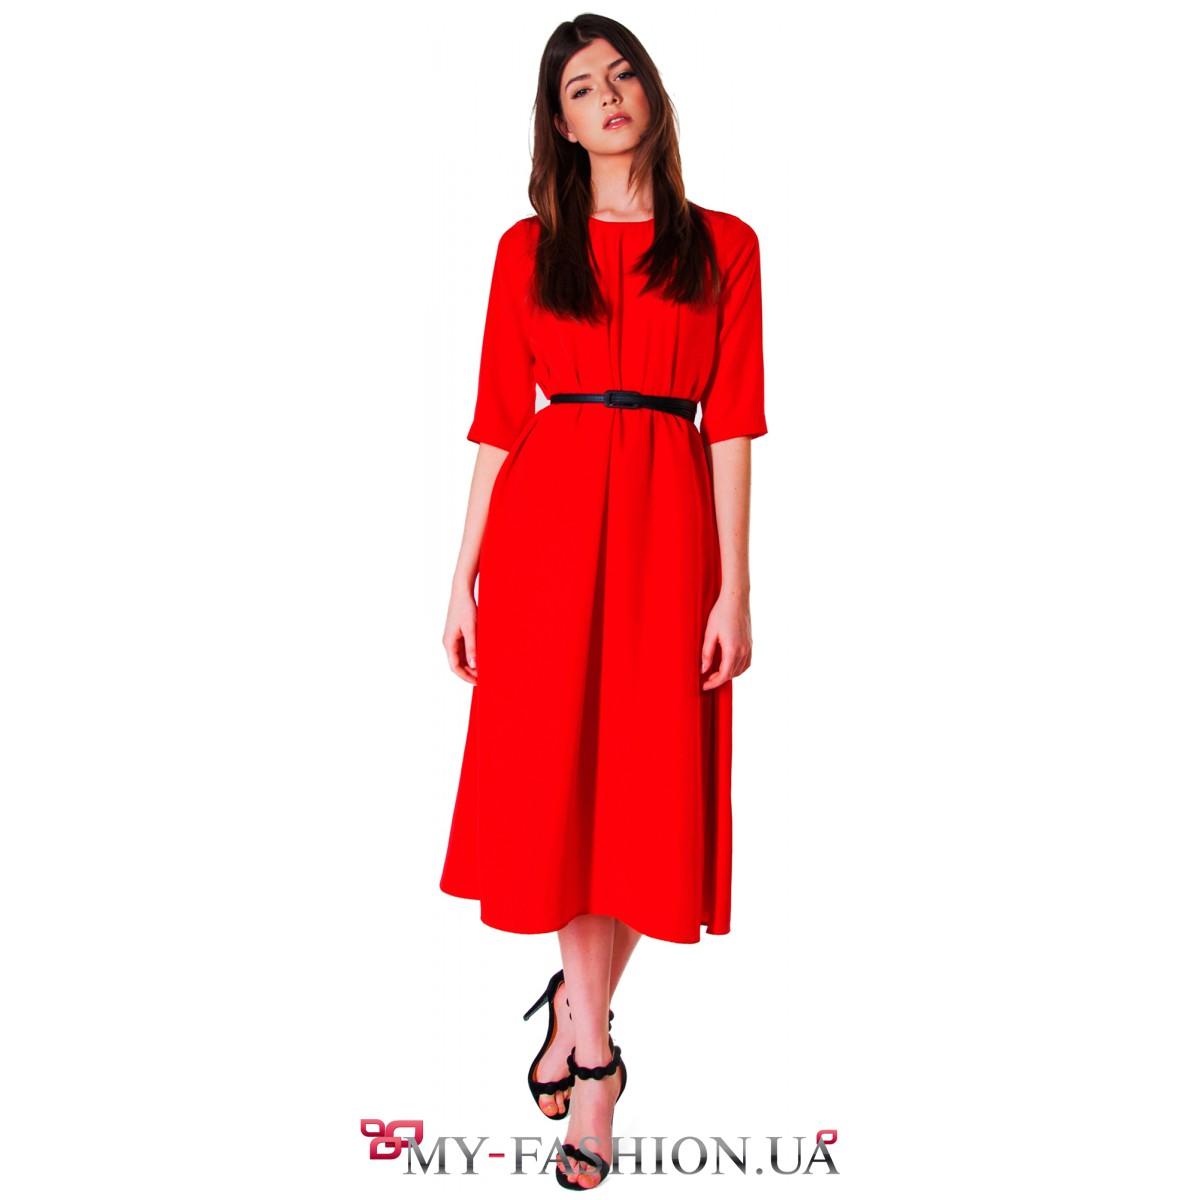 d0e2213fcfb Красное платье-миди А-образного силуэта купить в интернет магазине в ...